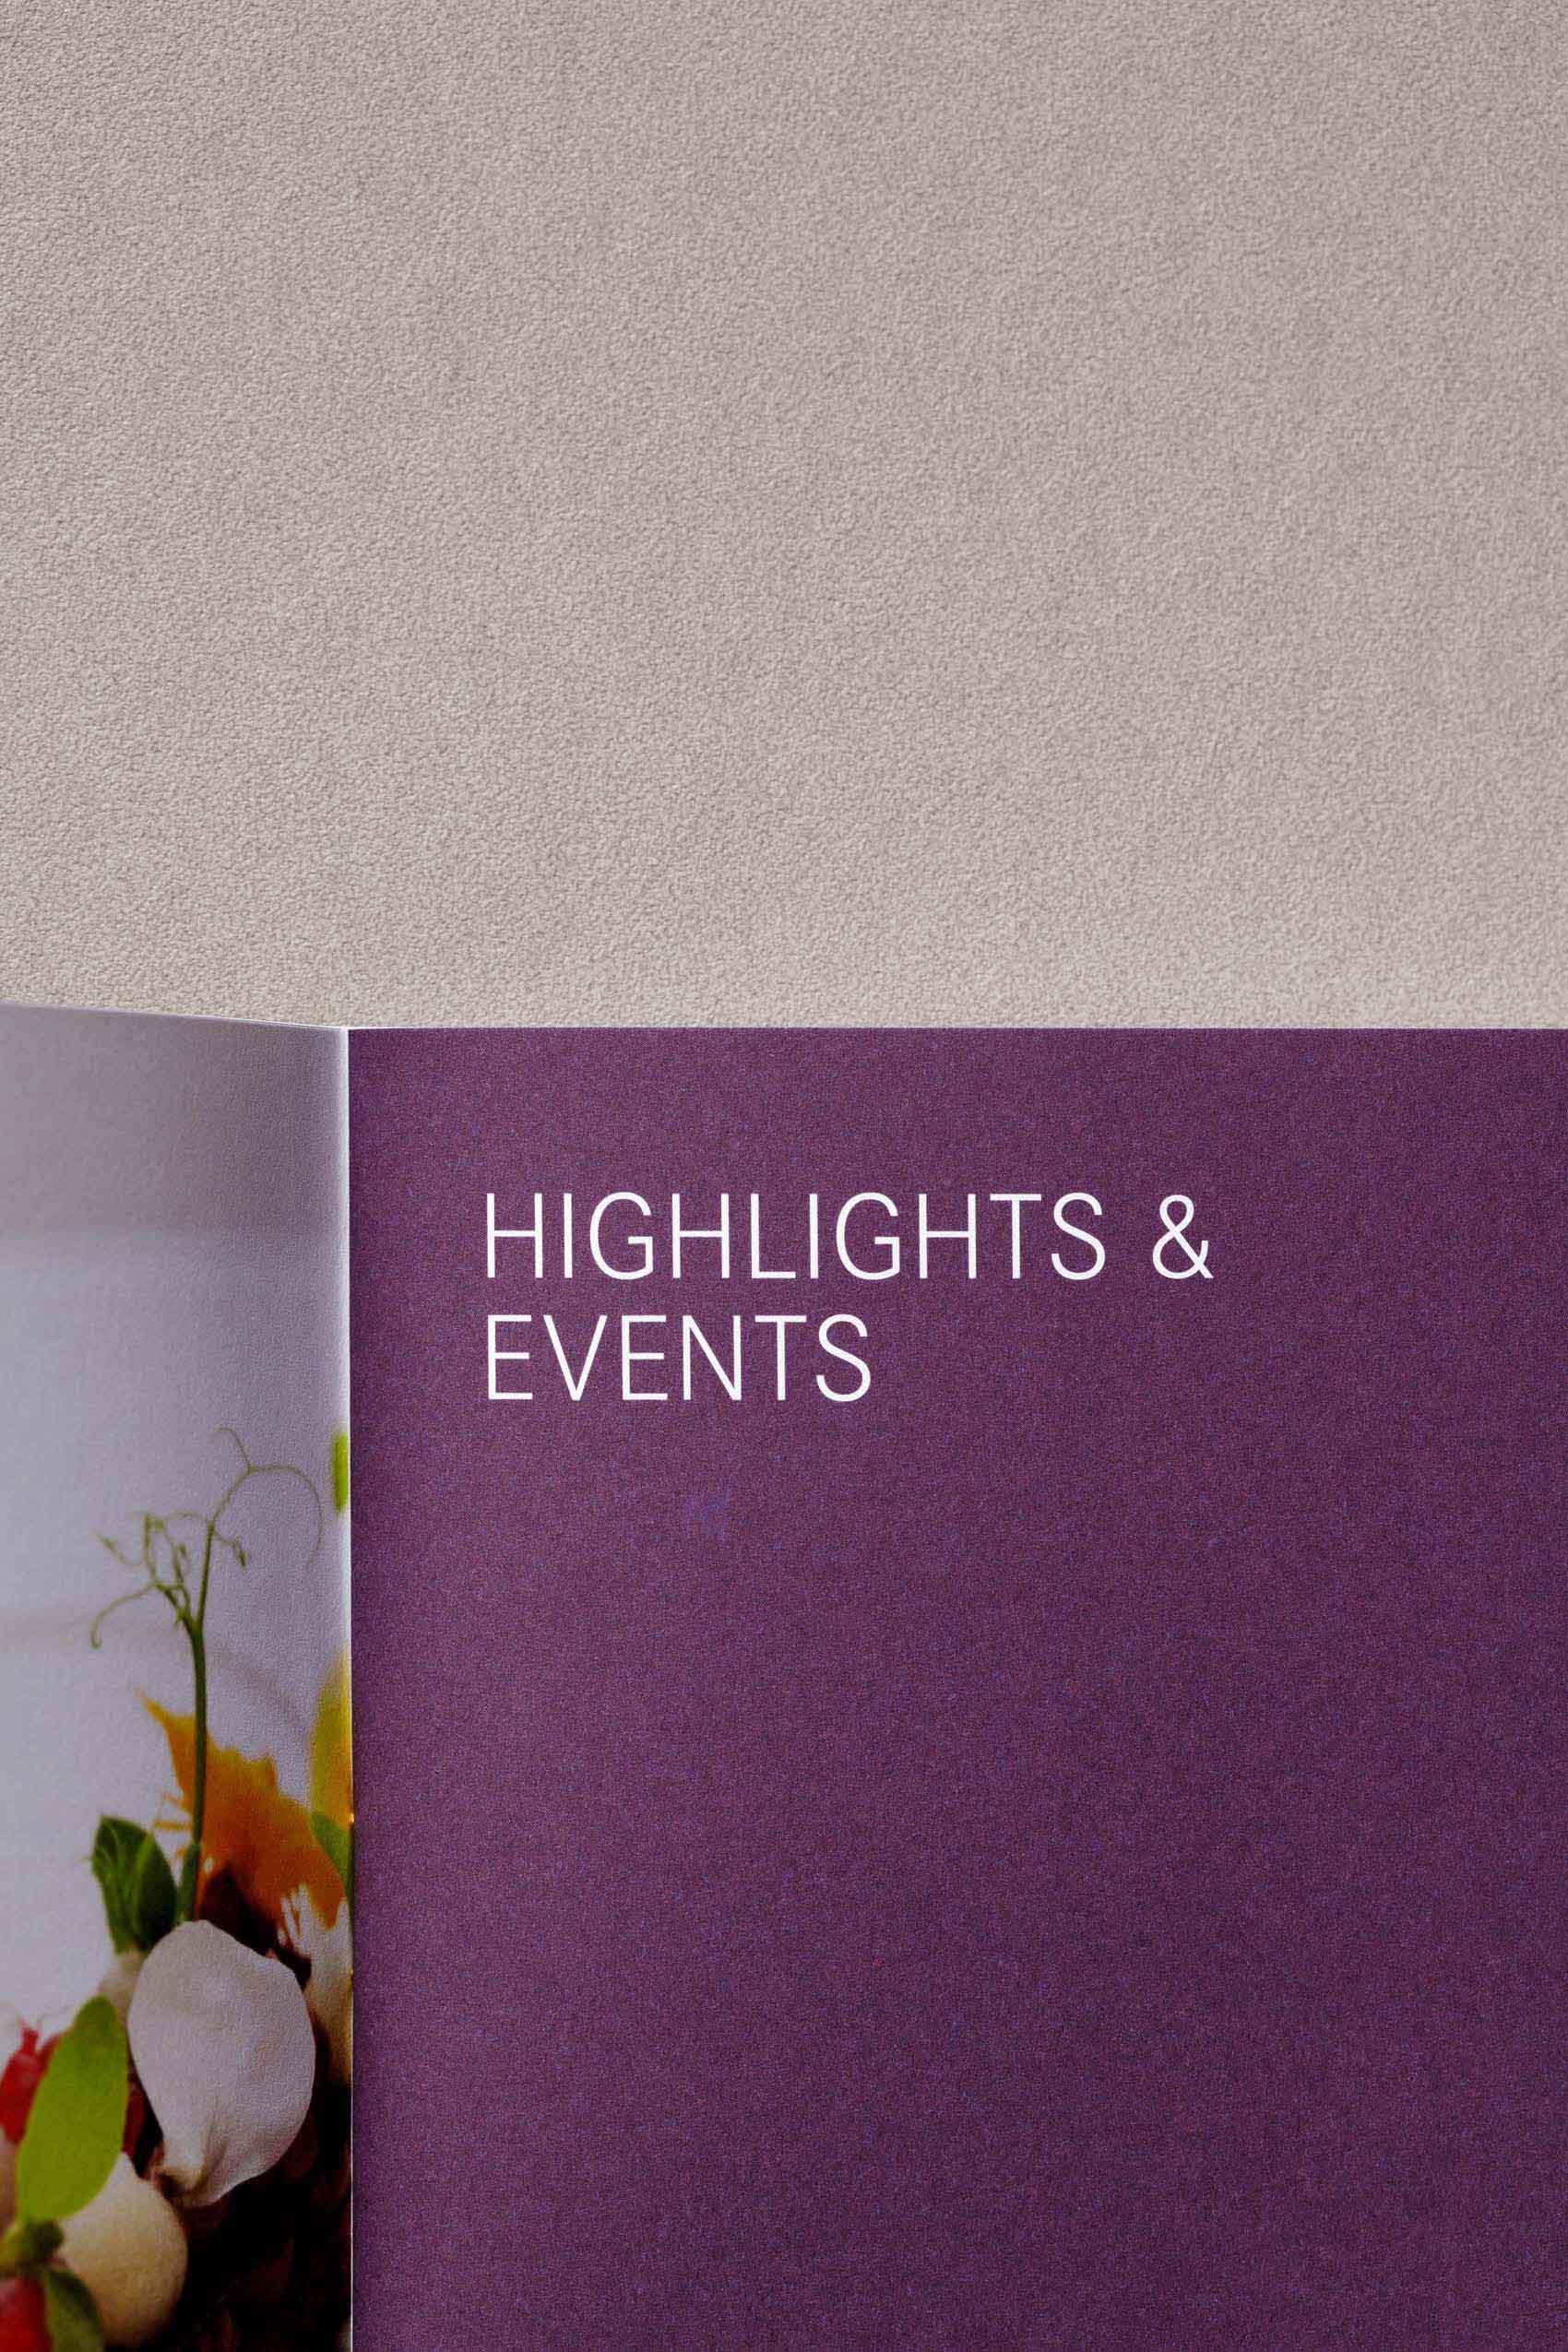 Edel gestalteter Hotelkatalog und Imagebroschüren für Hotels